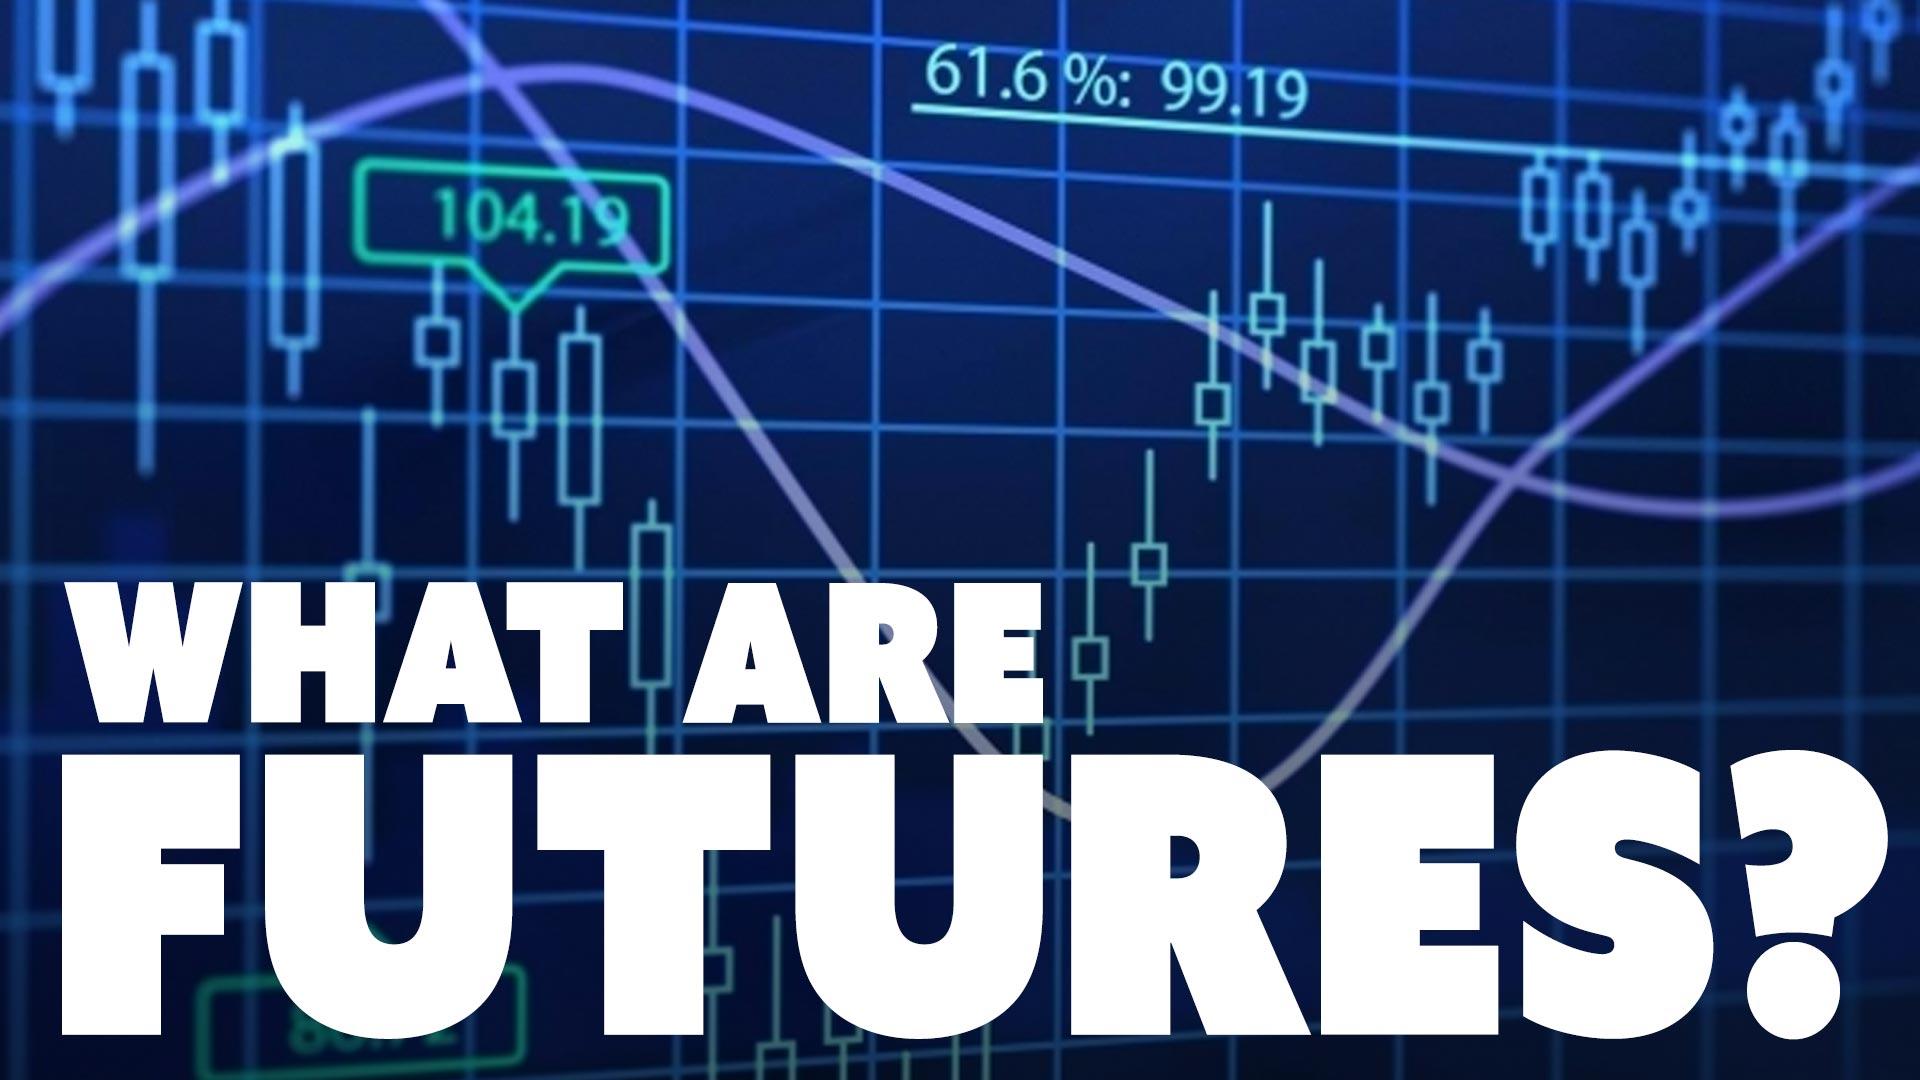 đặc điểm hợp đồng tương lai